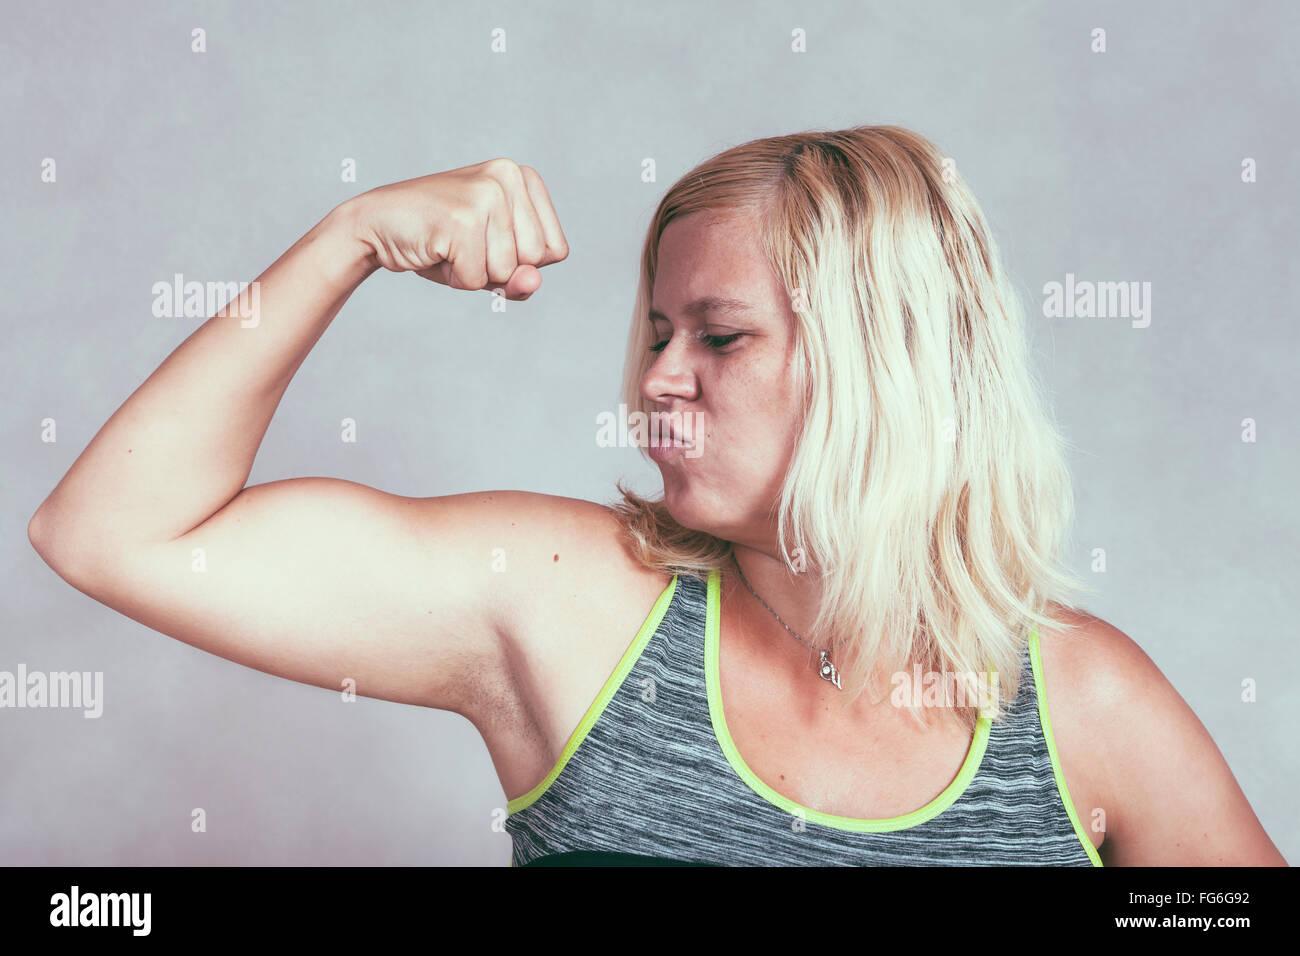 Mujer fuerte confianza muscular los músculos de flexión. Joven rubia femenina deportiva mostrando el brazo Imagen De Stock